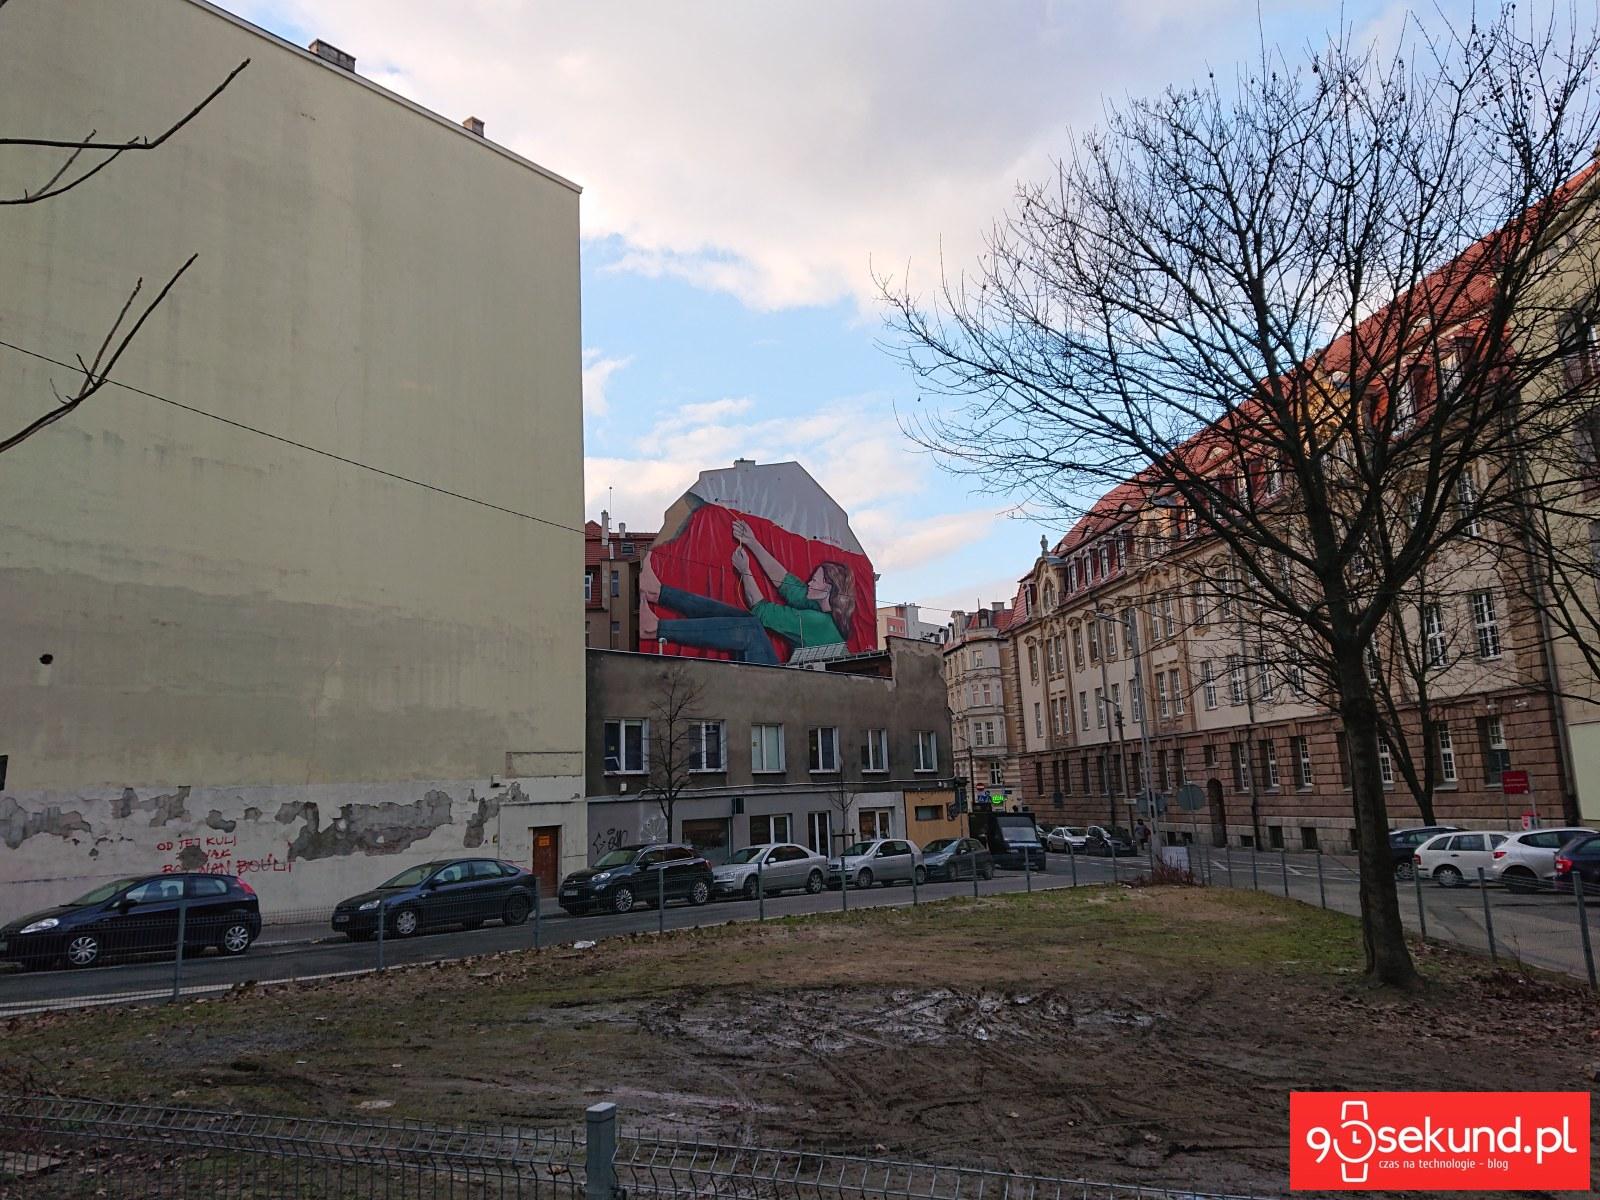 Zdjęcie z Sony Xperia XZ3 - Michał Brożyński 90sekund.pl